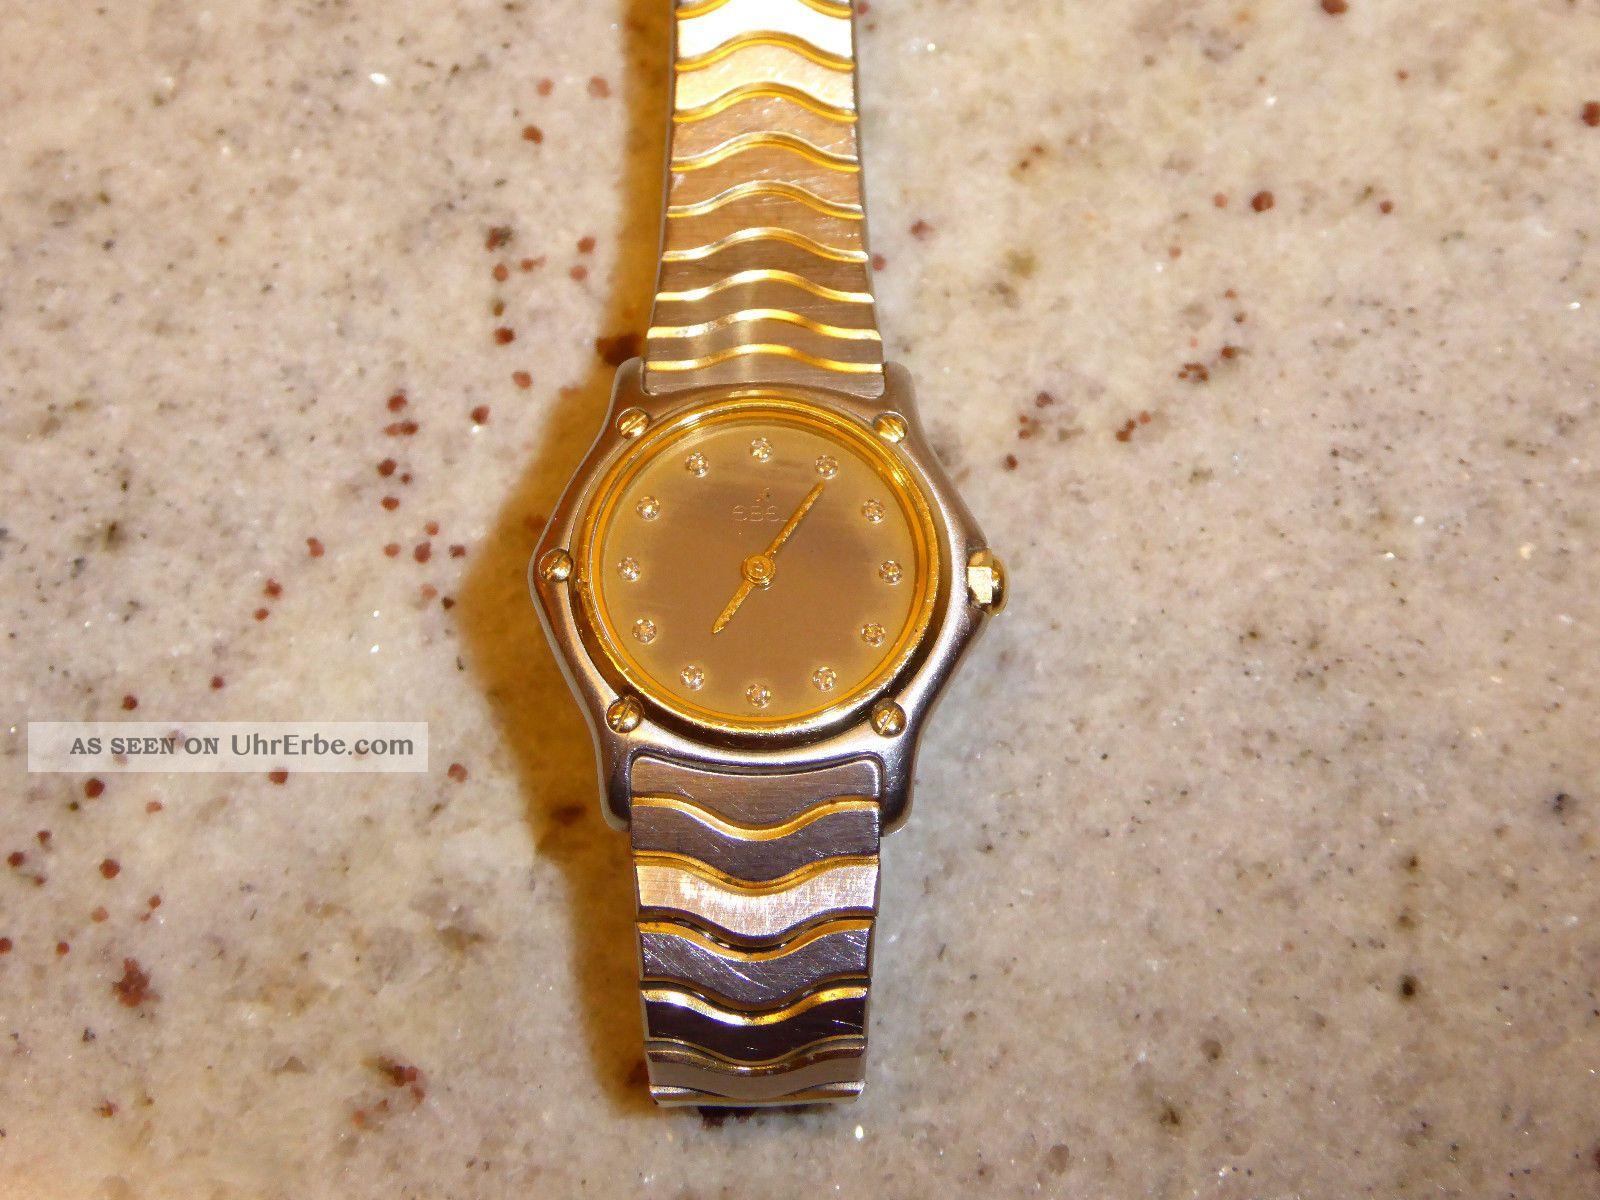 Ebel Classic Wave Damen Uhr Diamantzifferblatt Edelstahl/gold Armbanduhren Bild